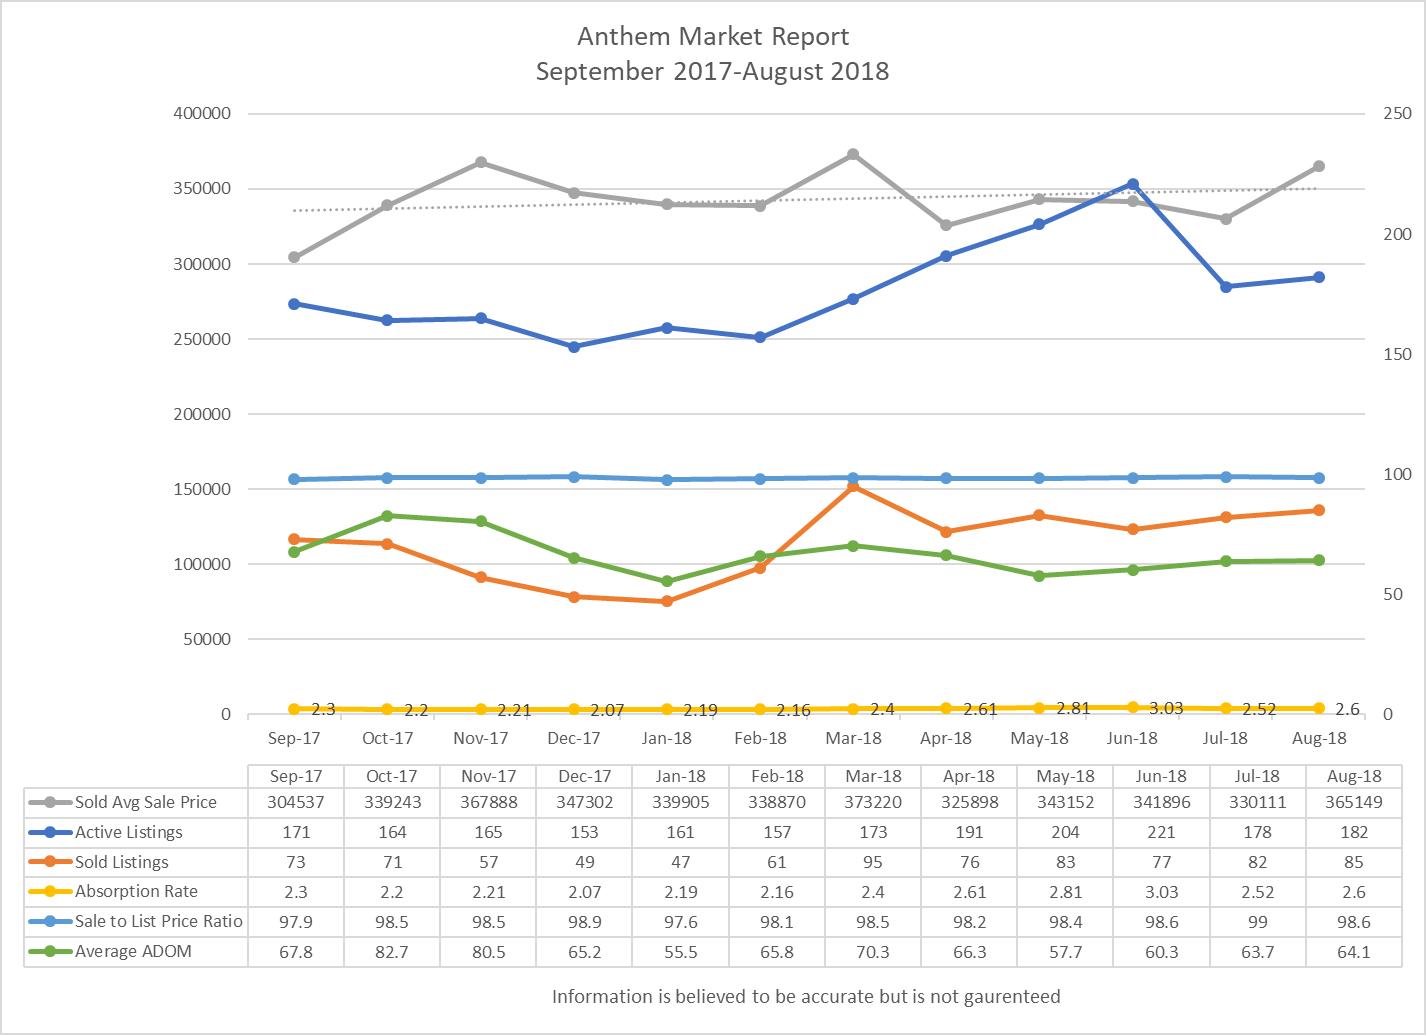 Anthem Market Update August 2018